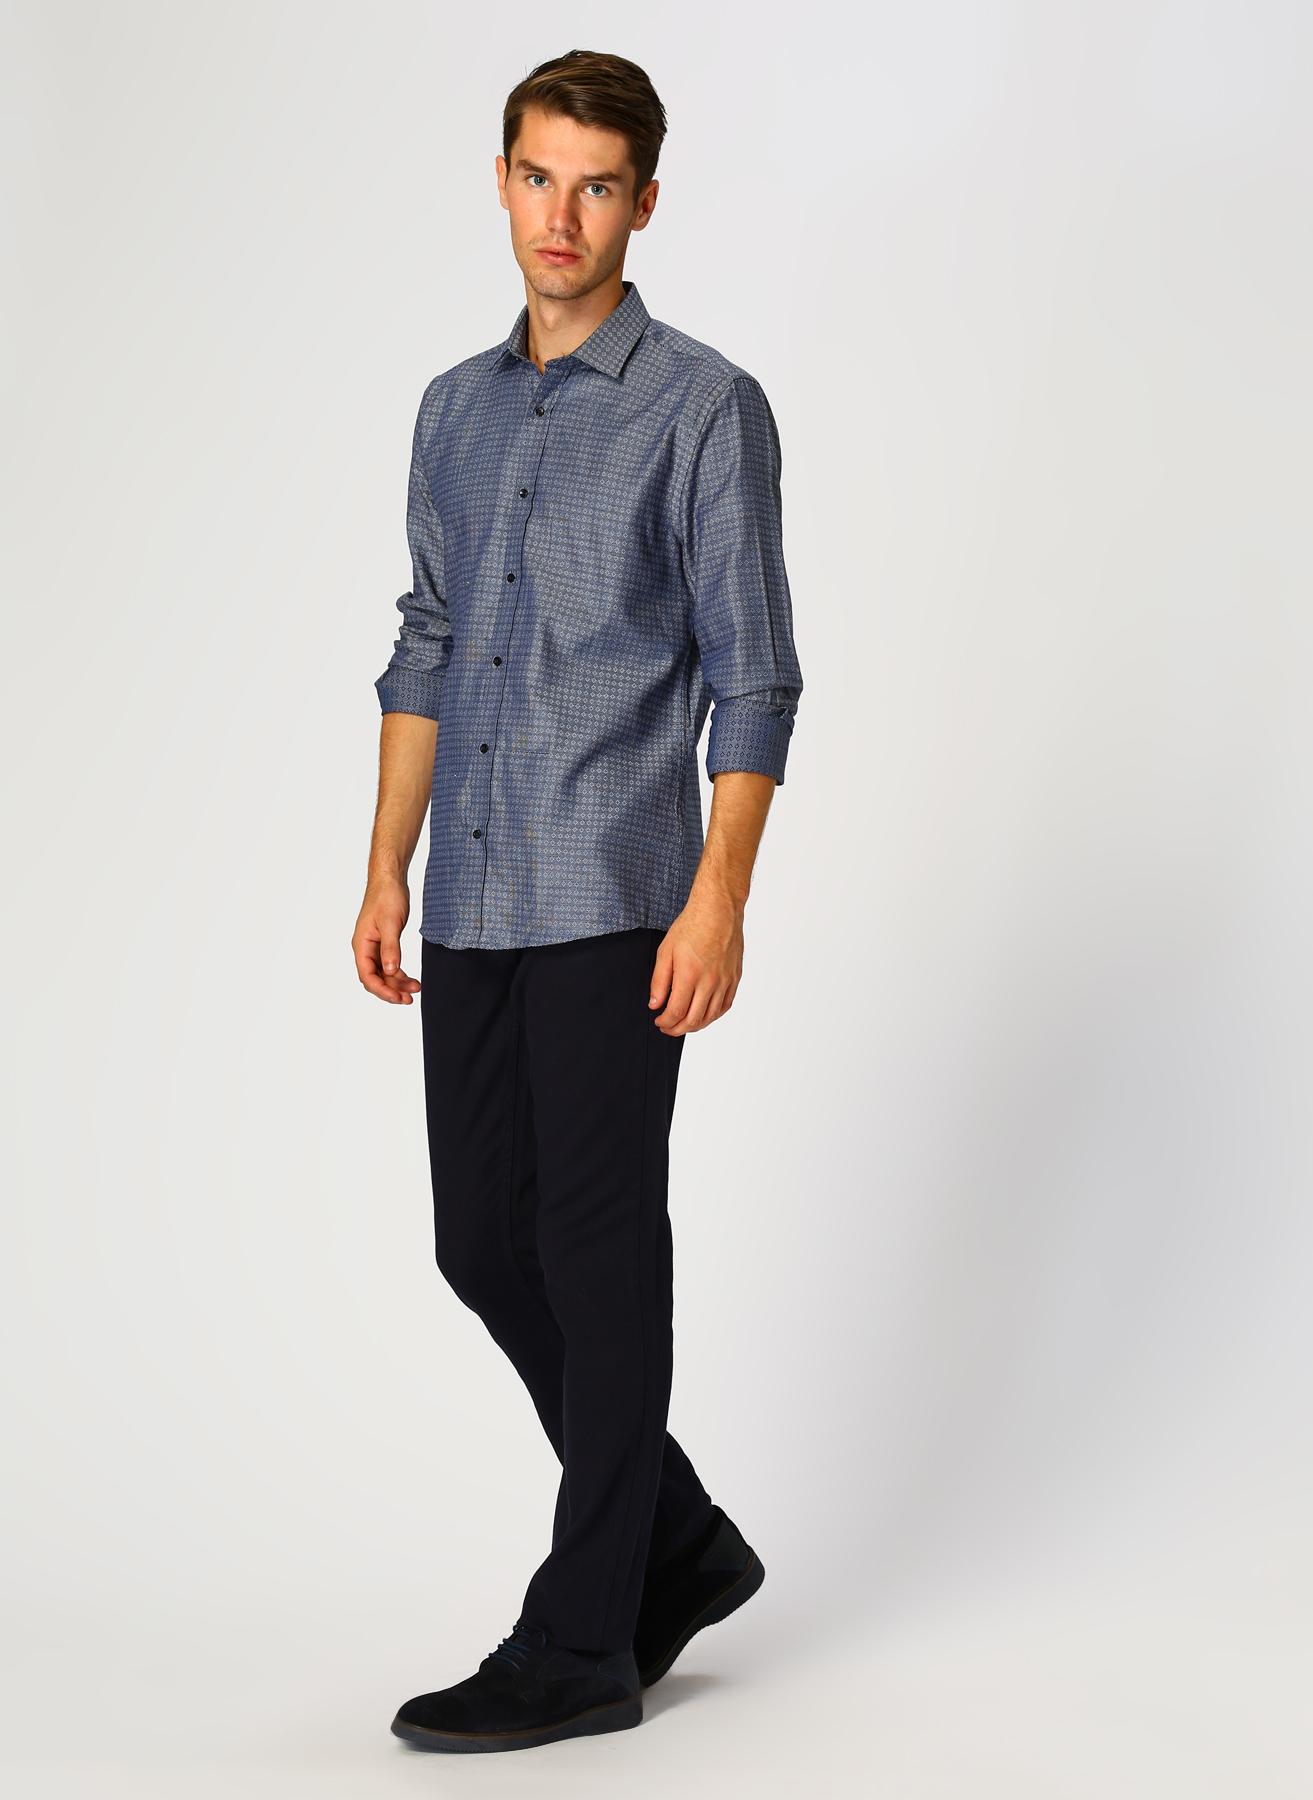 George Hogg Lacivert Klasik Pantolon 31-33 5002303426001 Ürün Resmi